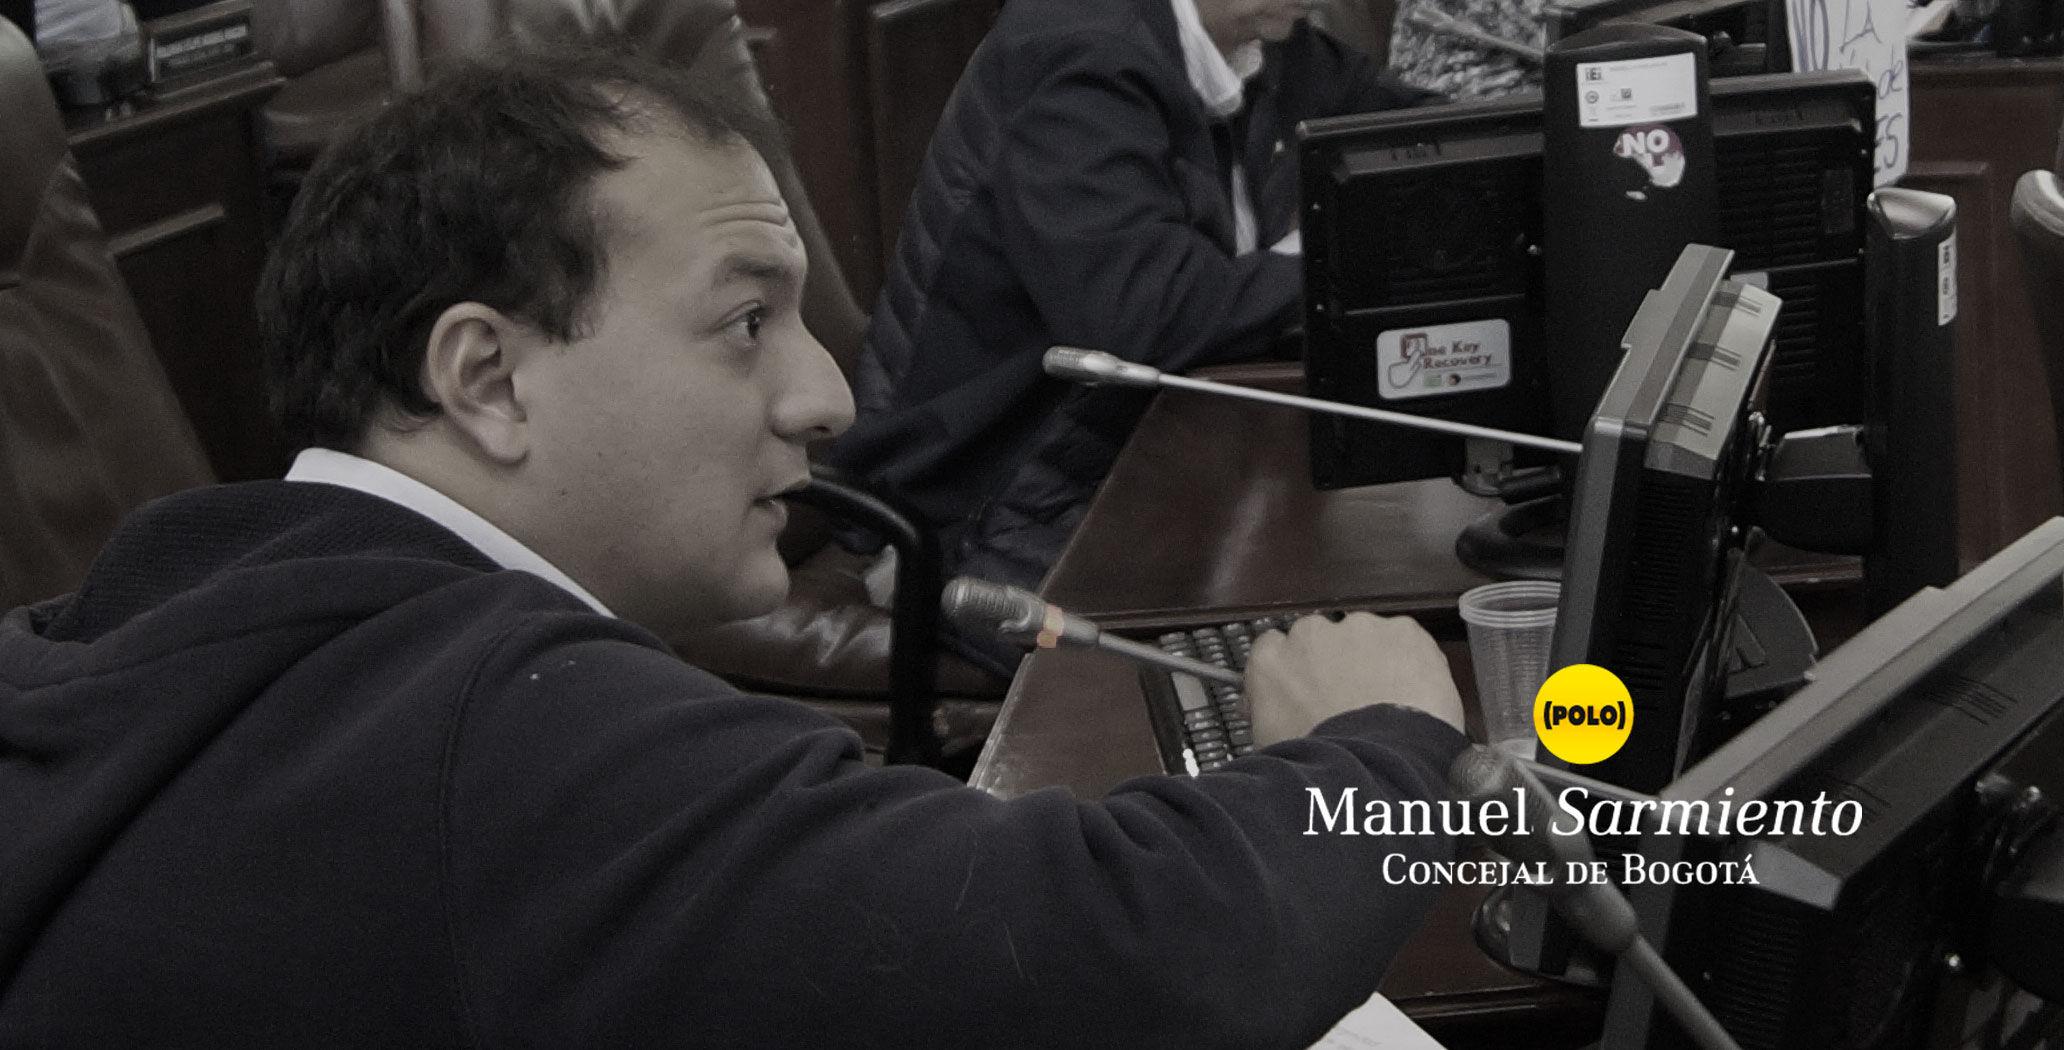 Justicia confirma que la elección del Personero de Bogotá debe ser por concurso de méritos